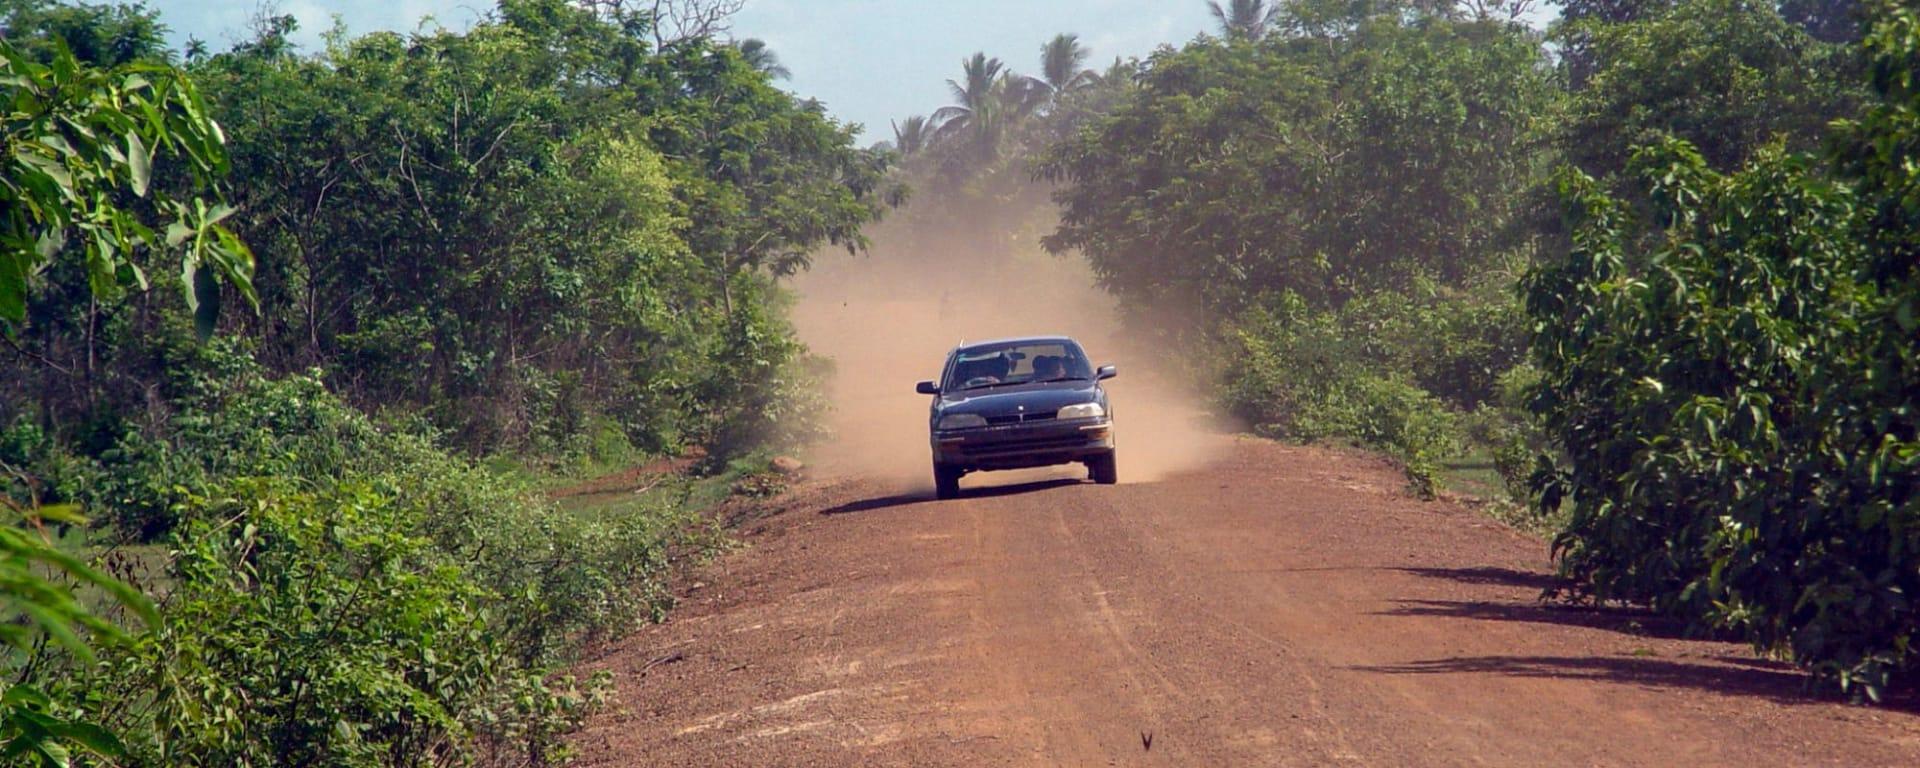 Traversée de Phnom Penh à Angkor: Cambodia country road